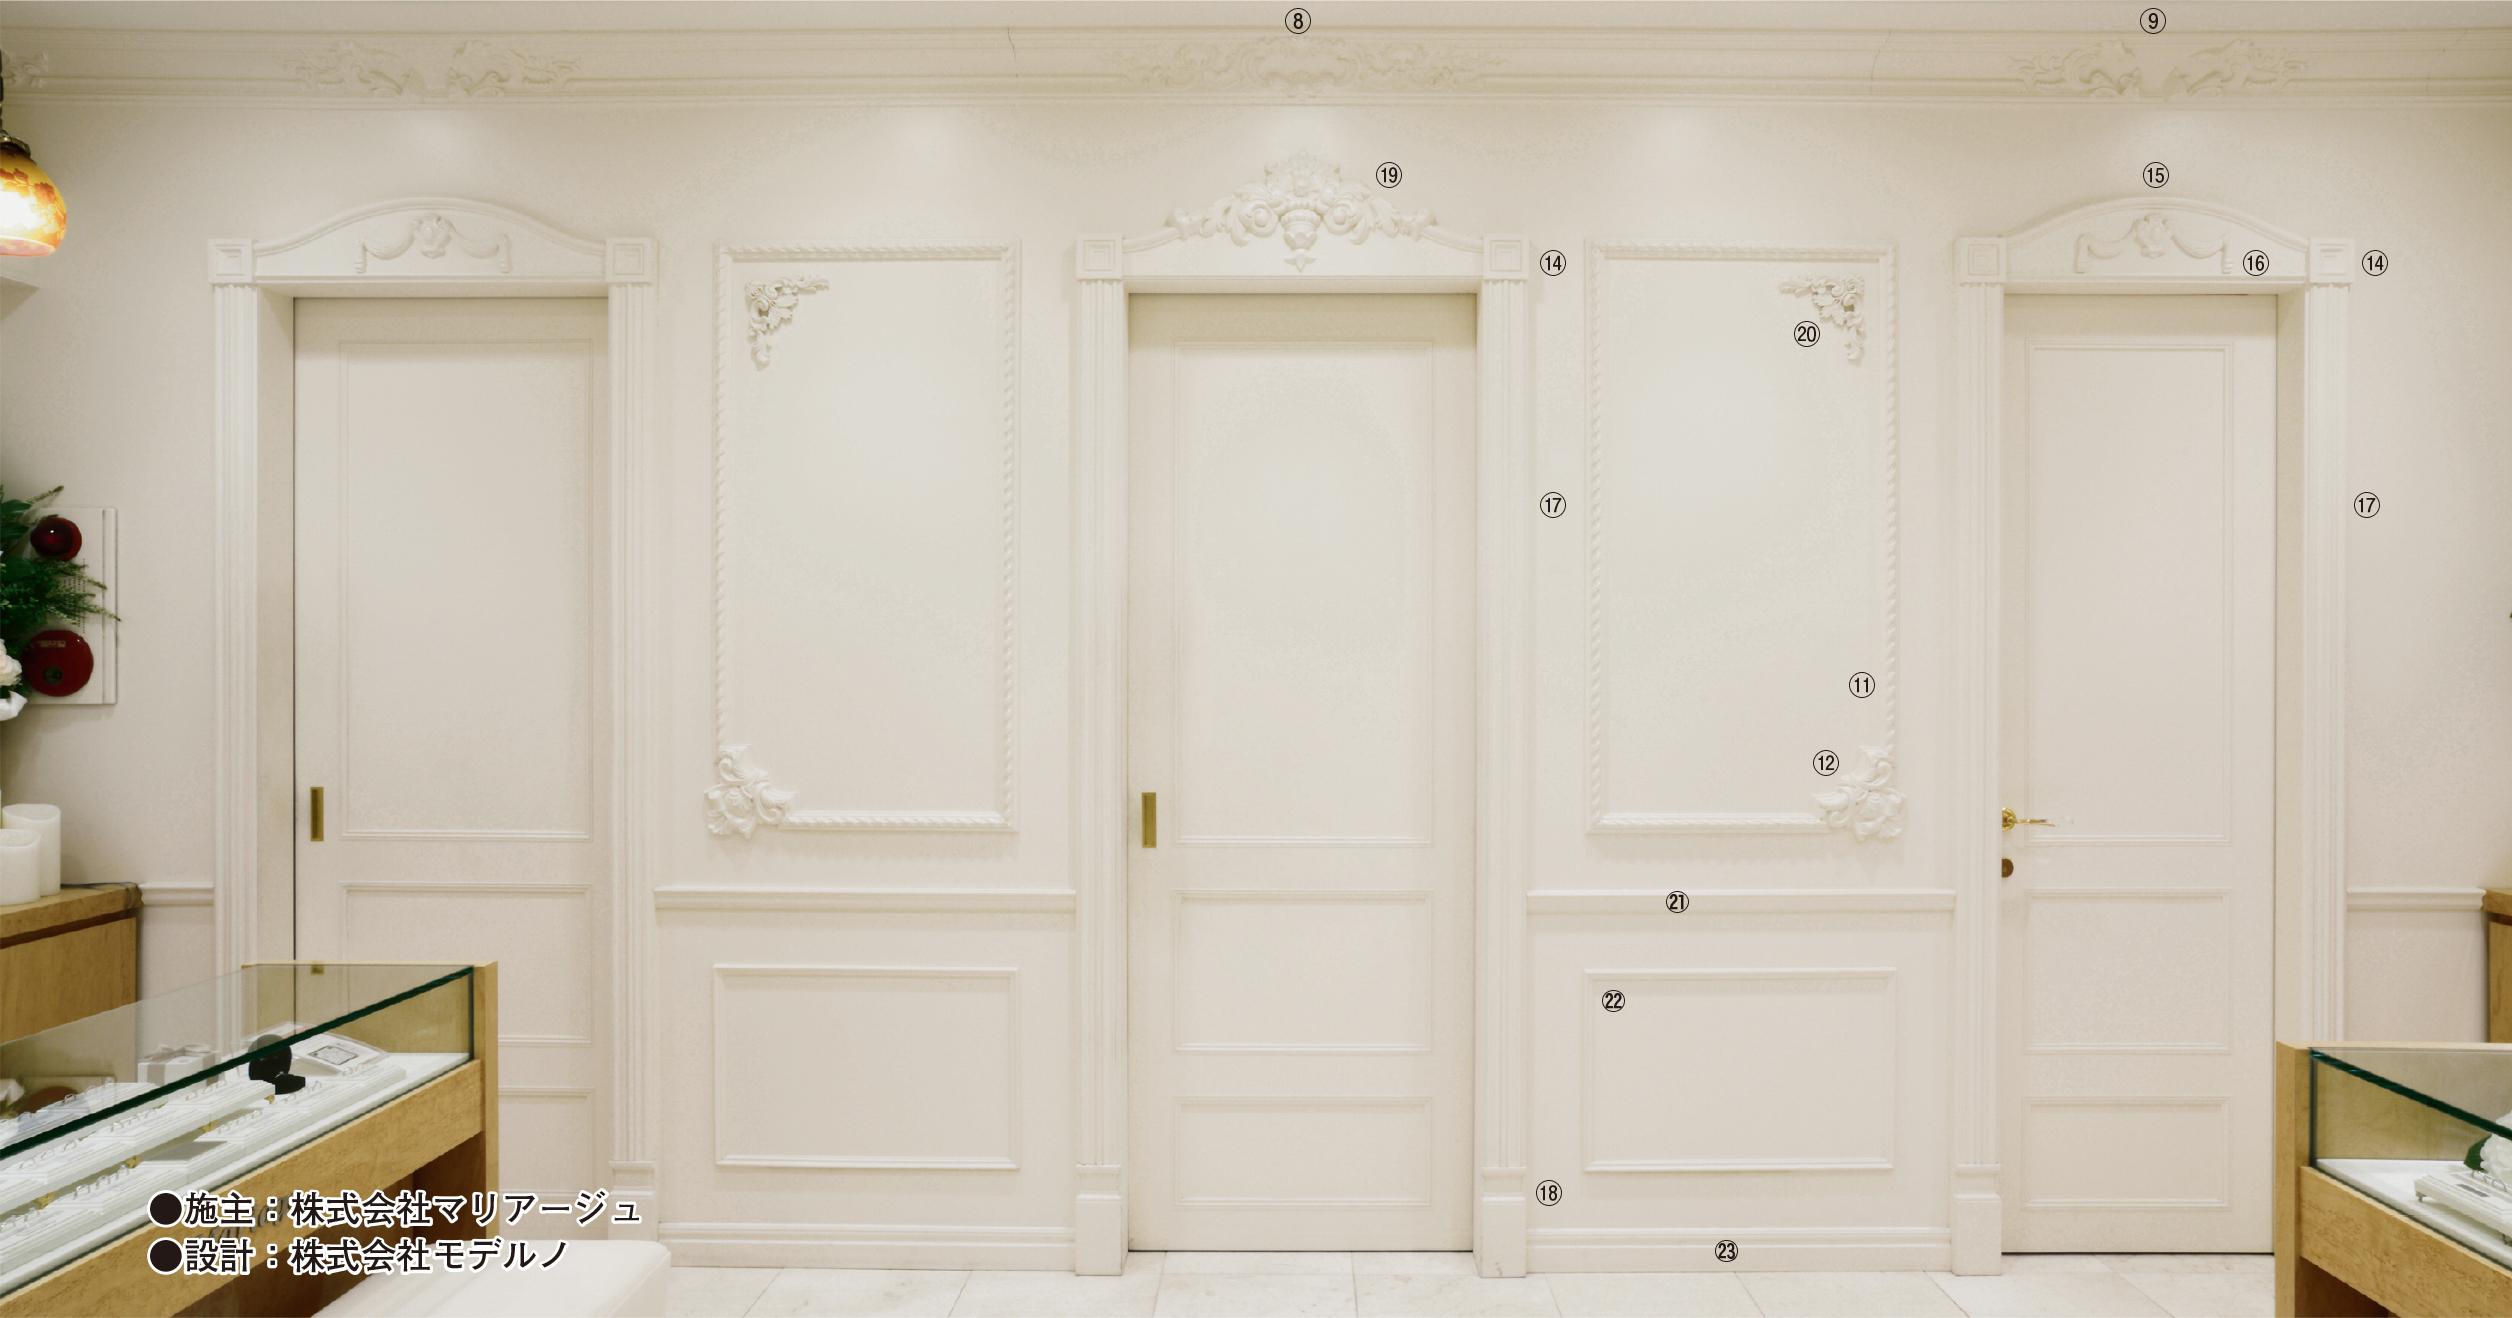 ドアまわり装飾case12-6